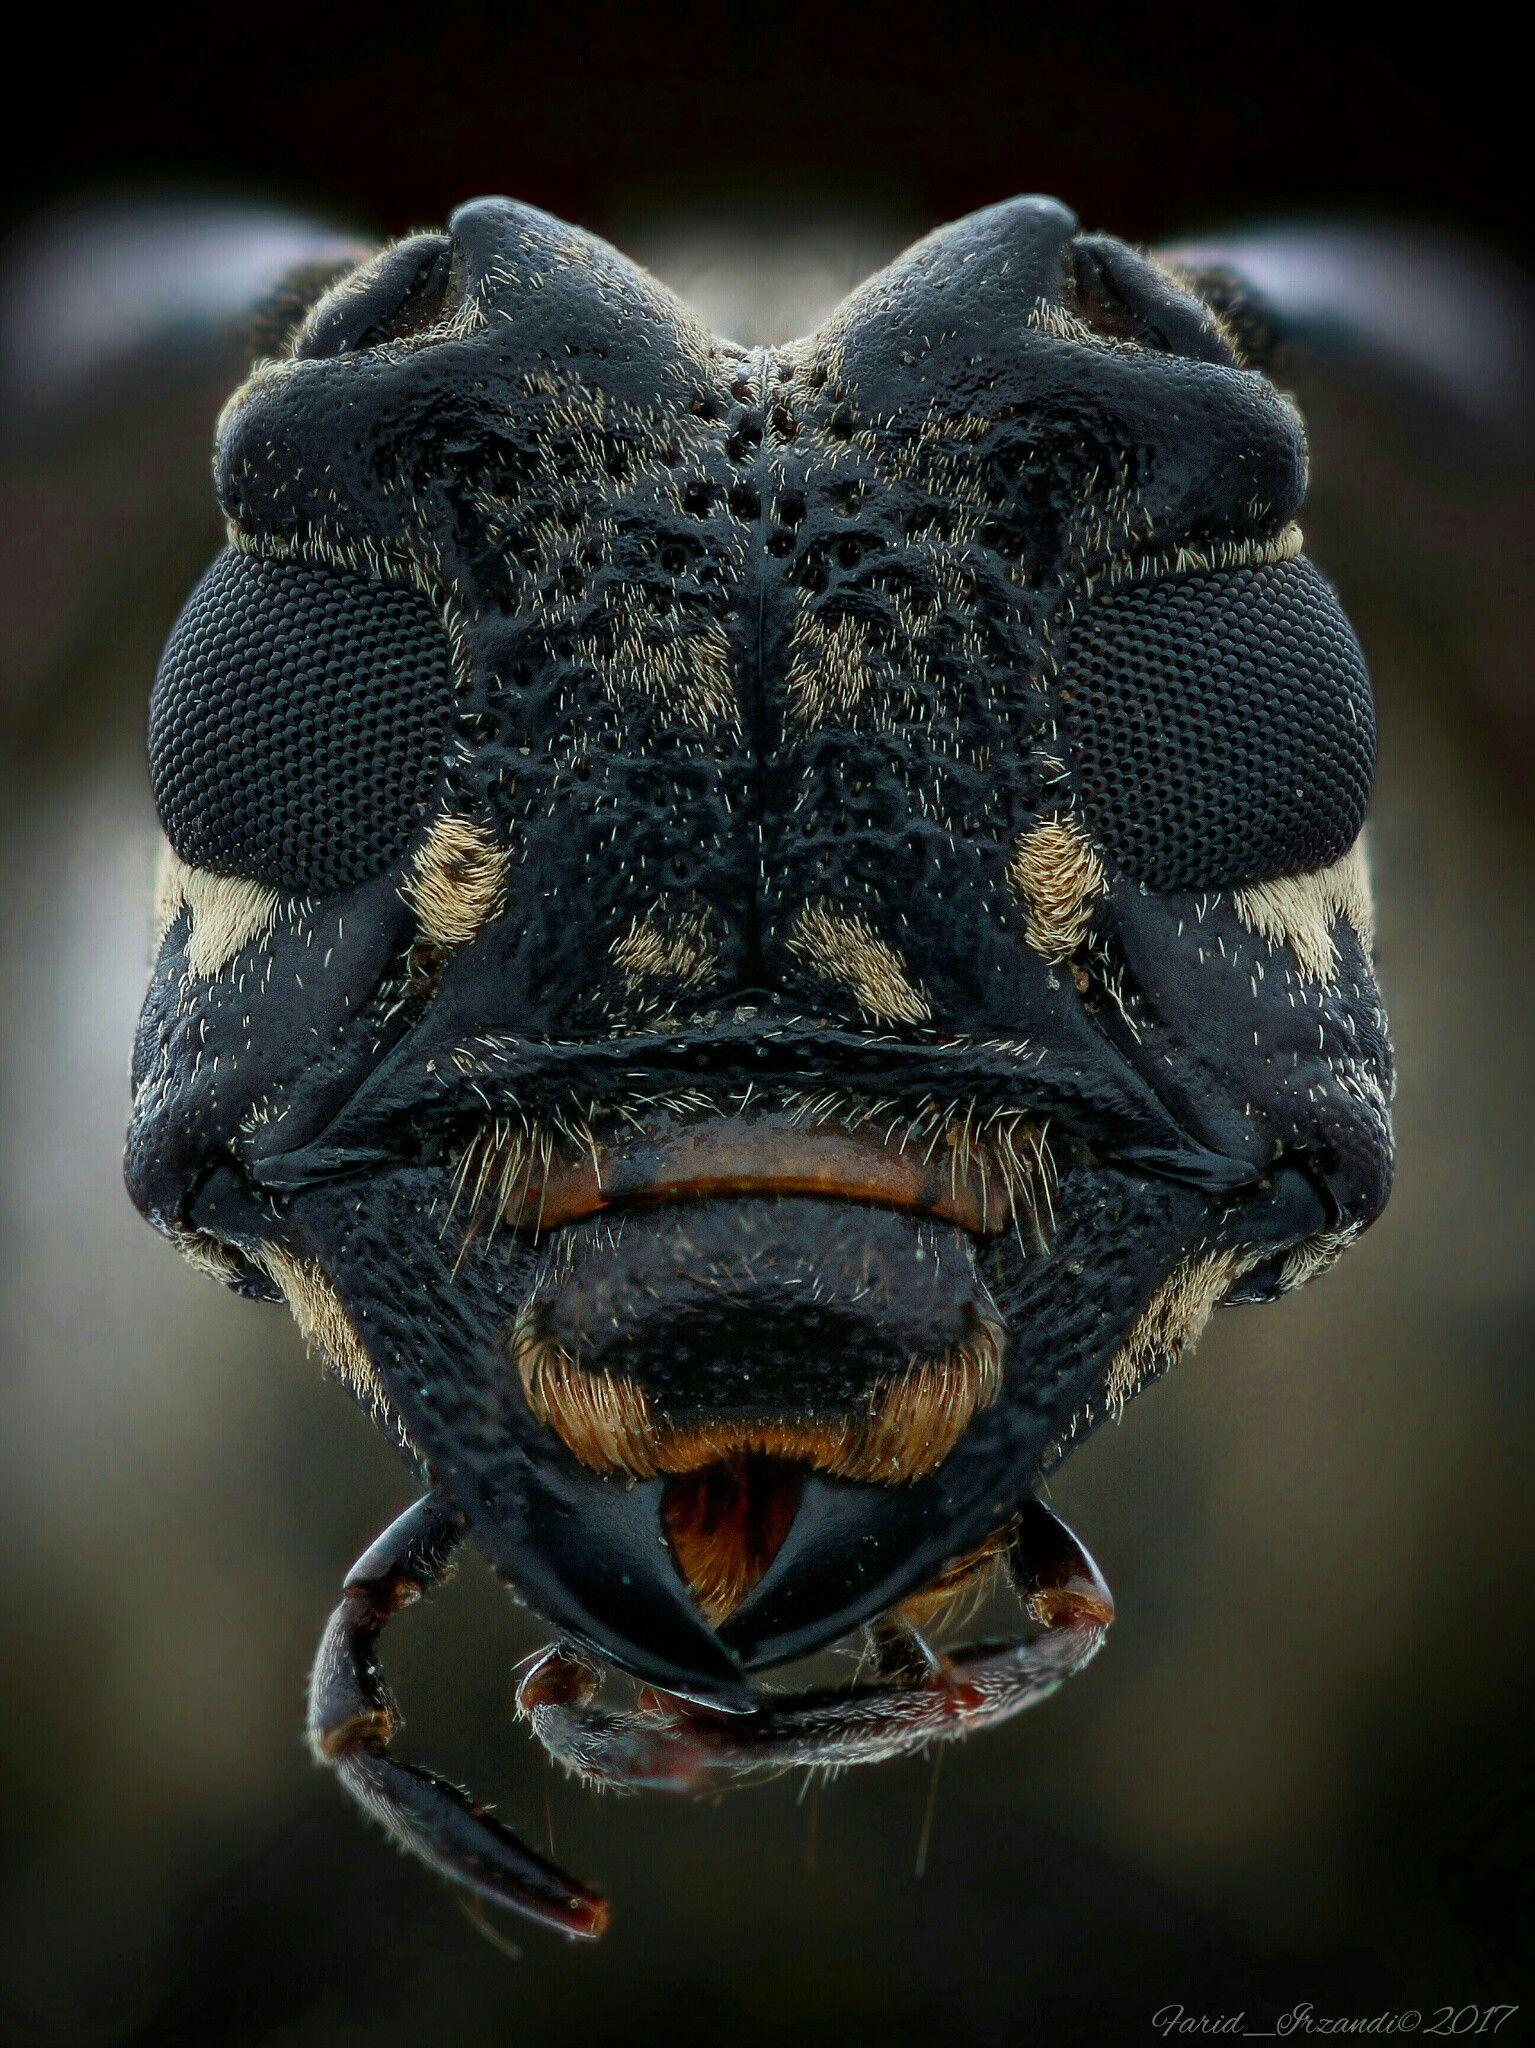 Longhorn Beetle Amphibien Insekten Reptilien